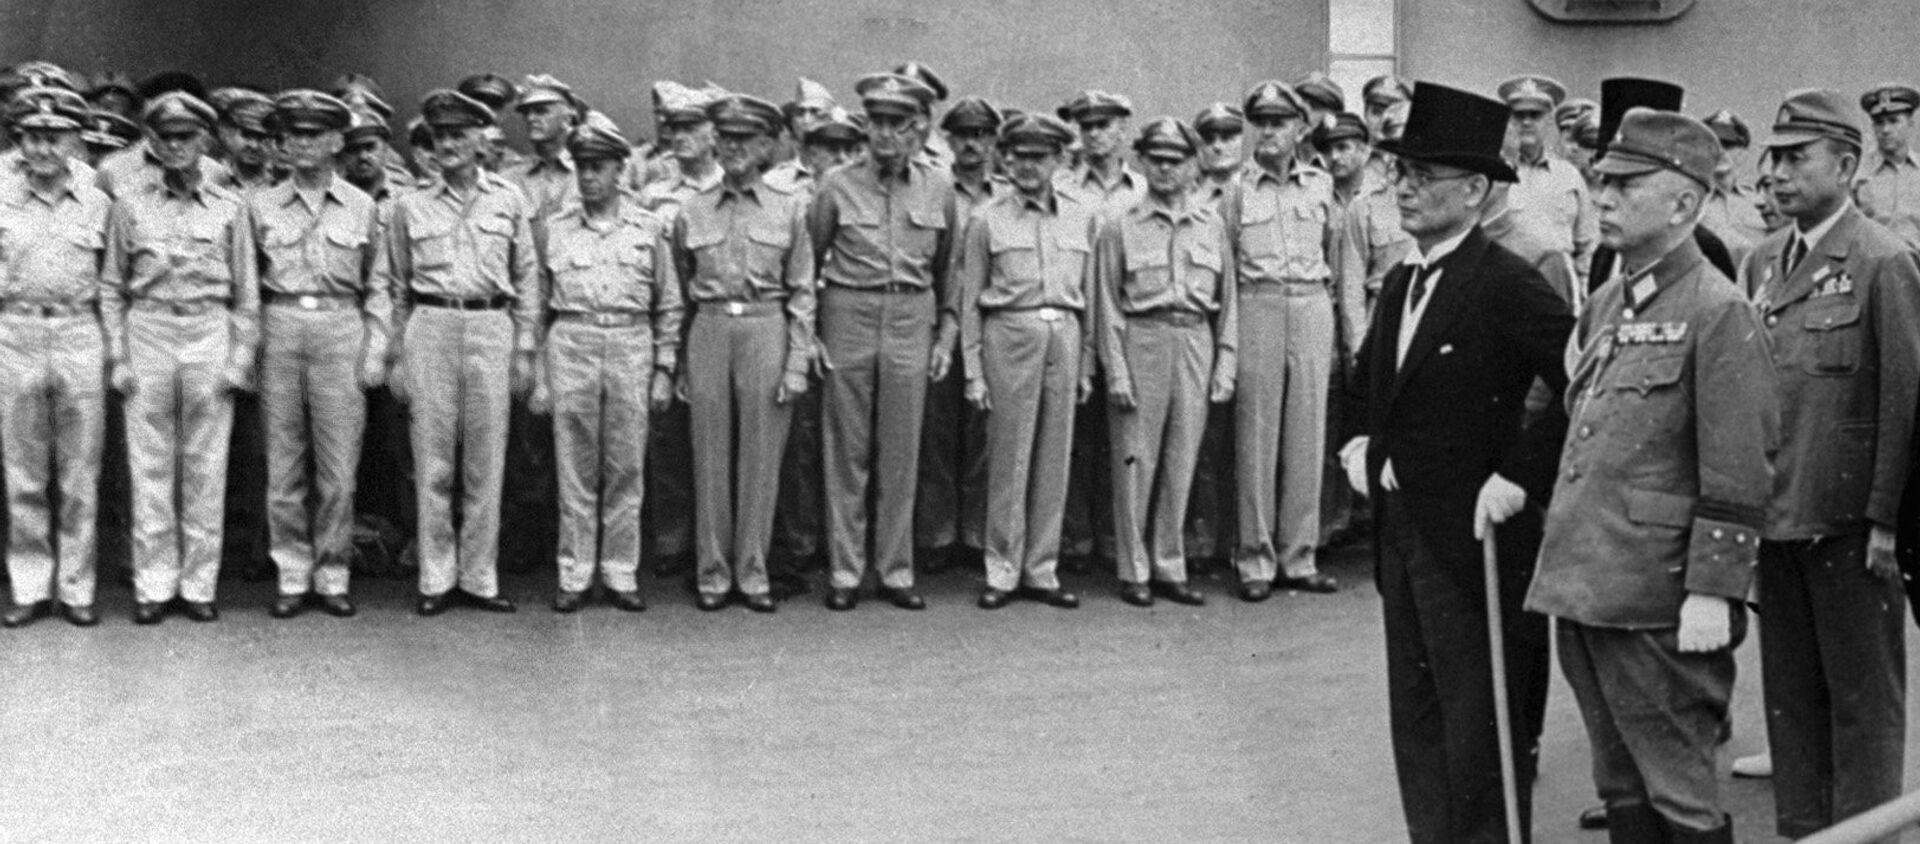 降伏文書調印 〜 ミズーリ号にて - Sputnik 日本, 1920, 02.09.2020